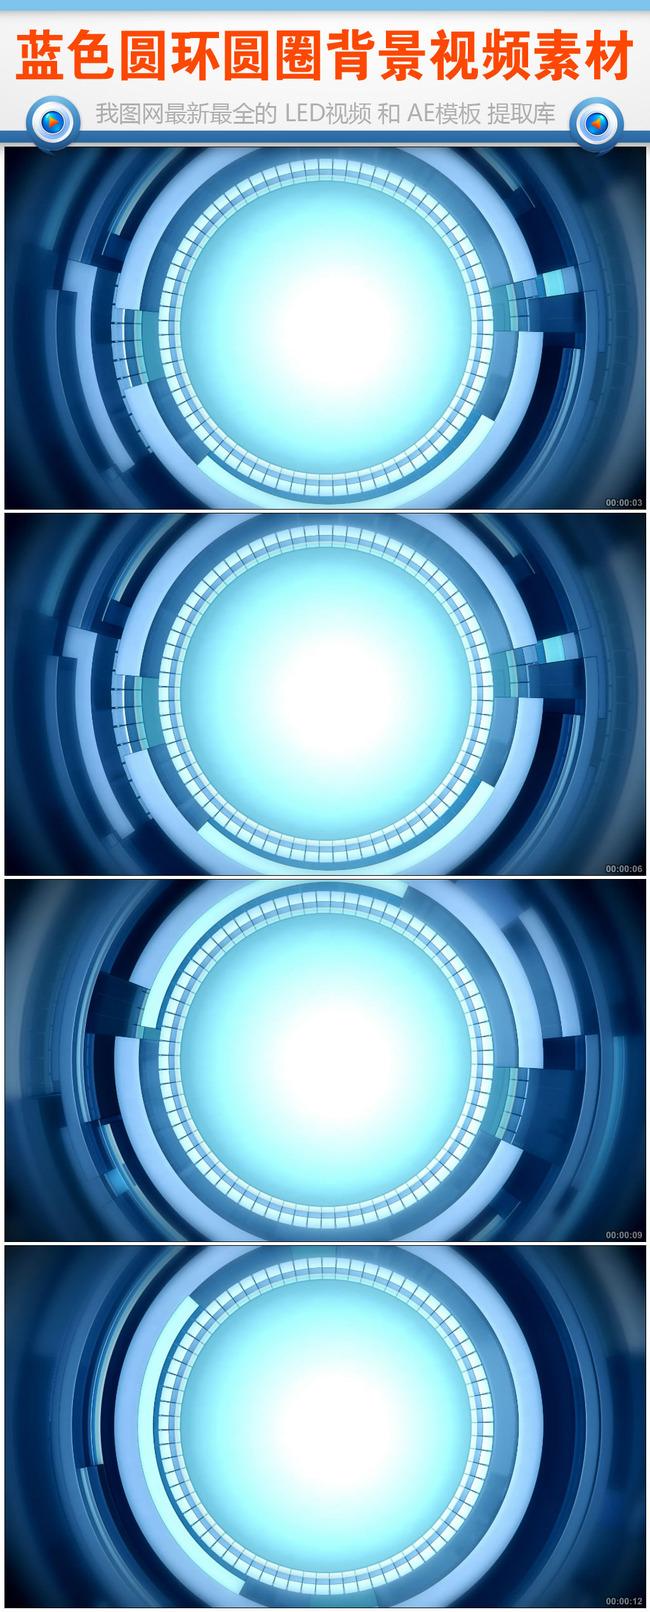 视频素材 动态视频素材 动态|特效|背景视频素材 > 蓝色圆环圆圈led